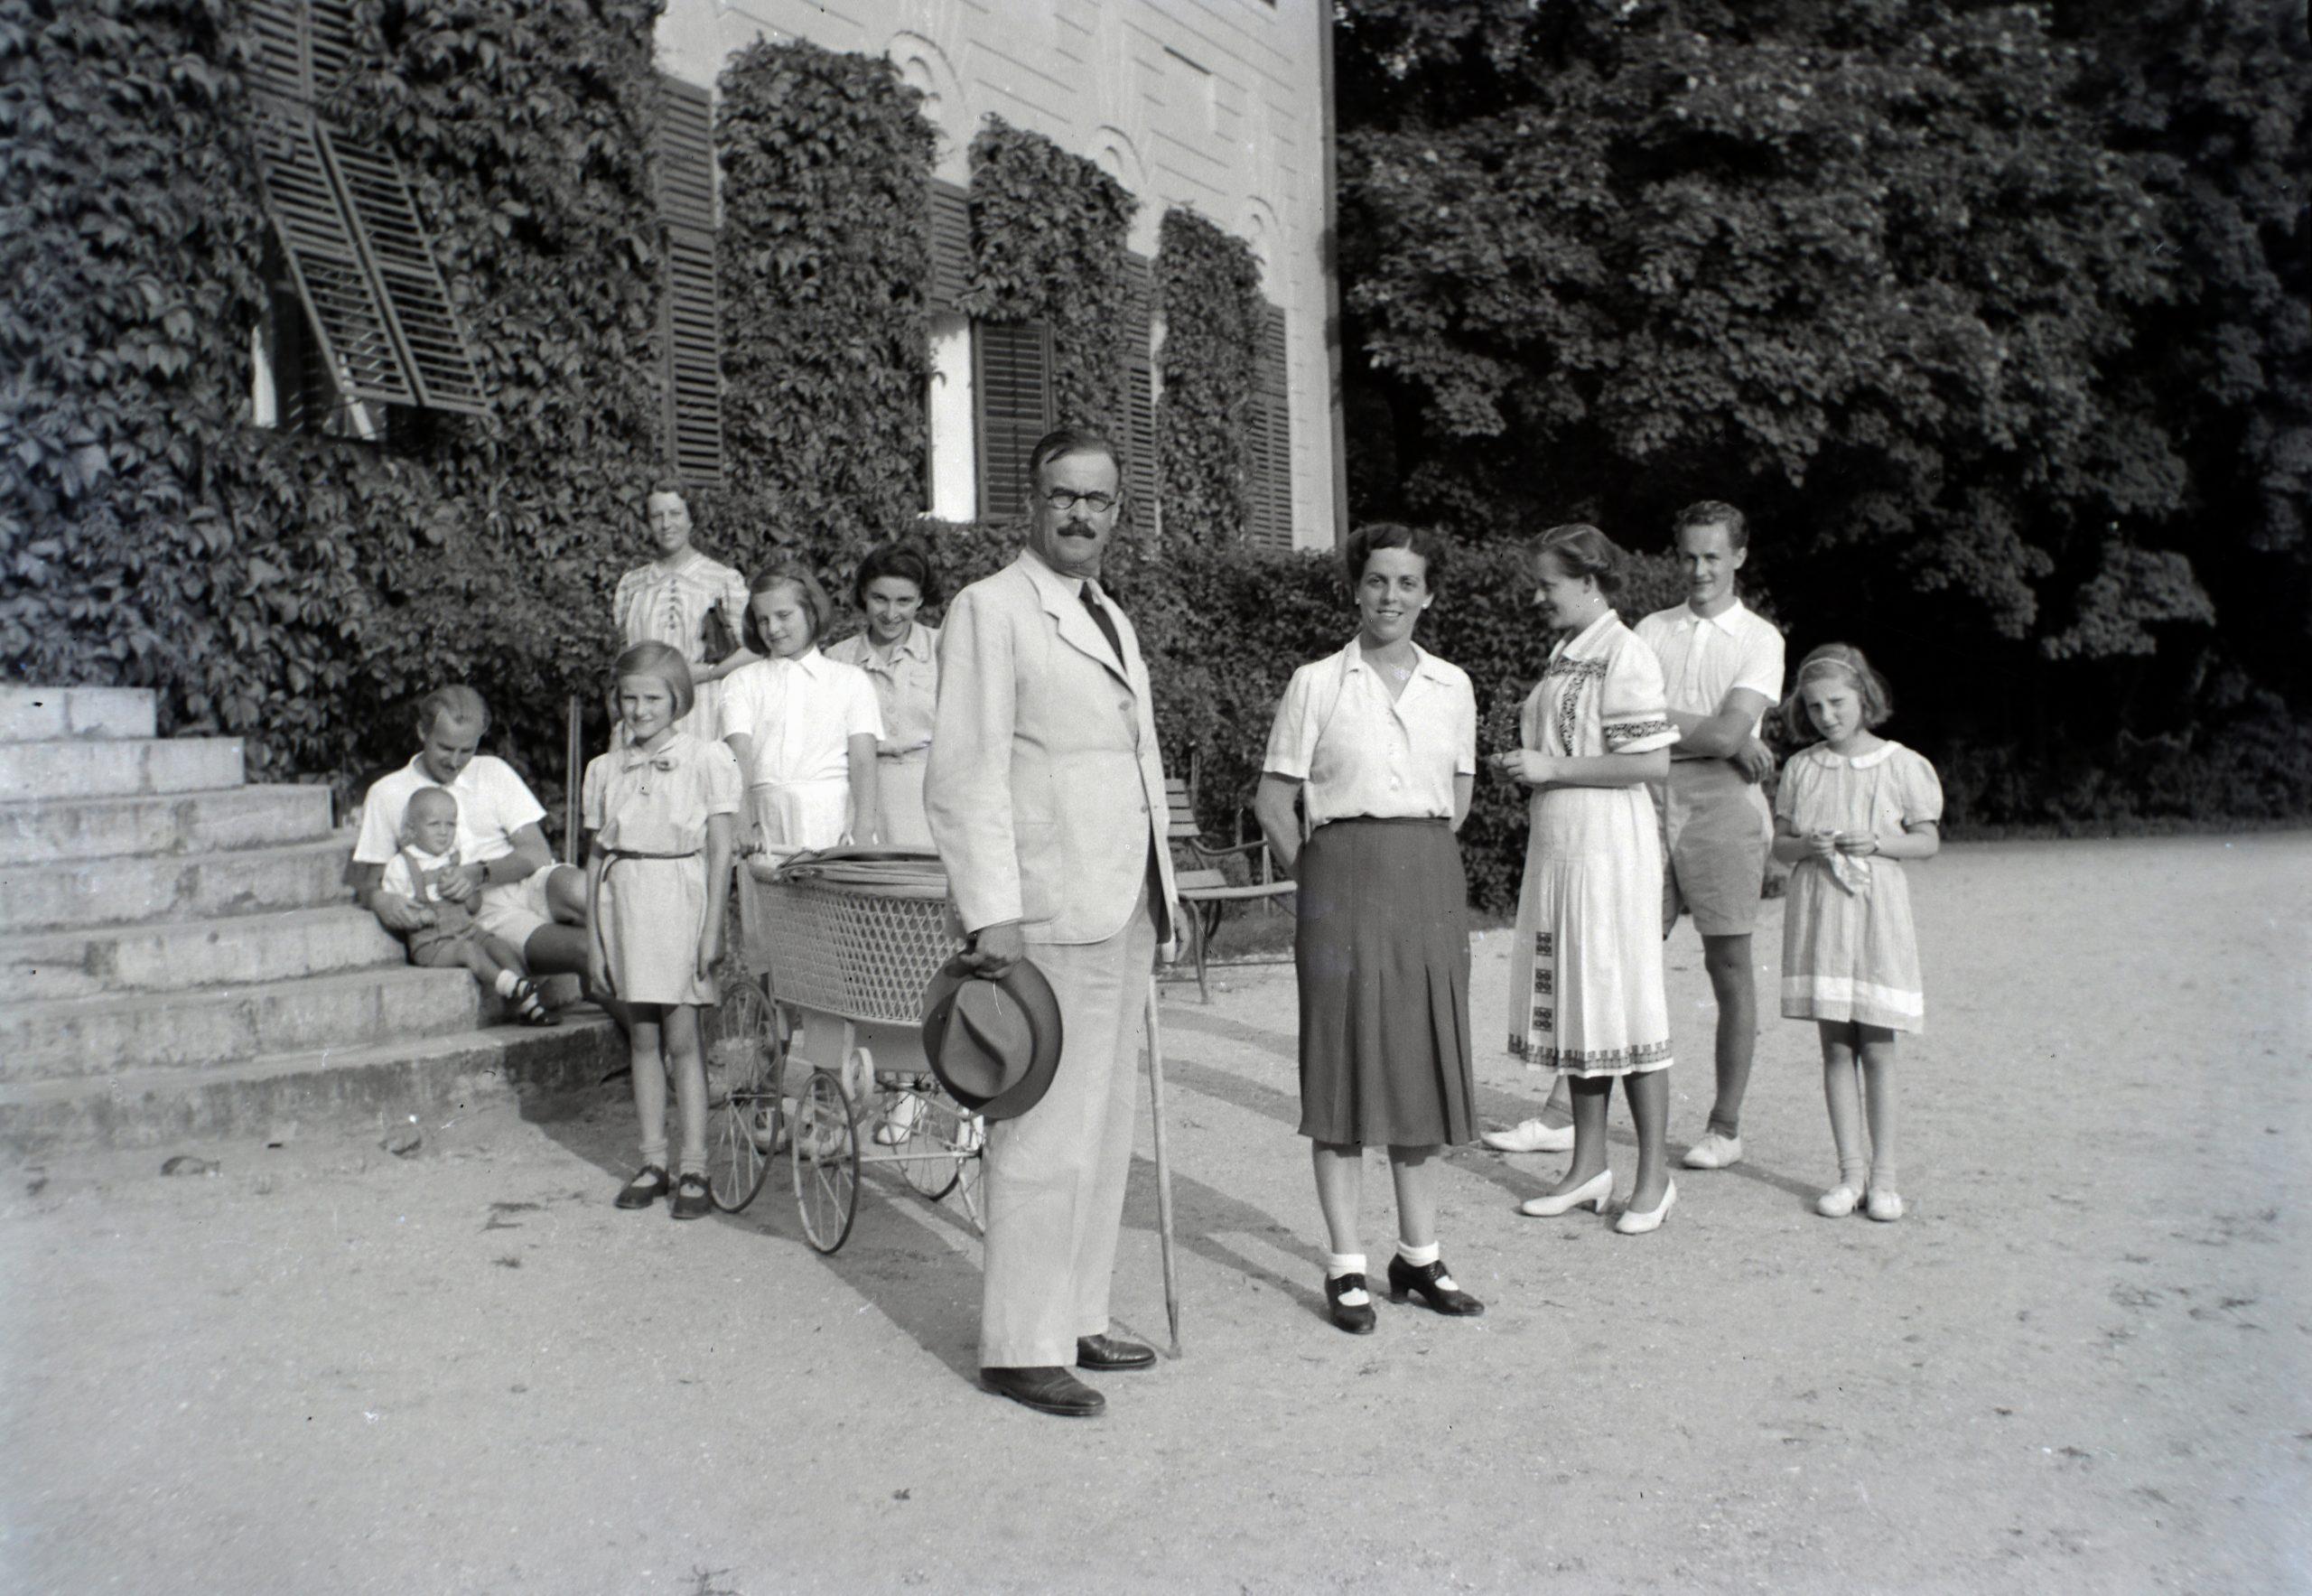 A kép illusztráció. 1941. Magyarország, Bóly (Németbóly), Batthyány-Montenuovo kastély. Elől id. Manninger Gusztáv Adolf mezőgazdász a Montenuovo-birtokok jószágkormányzója. Tőle balra Montenuovo Nándor herceg és Solymosi Ilona bárónő gyermekei: Júlia, Mária és Franziska Montenuovo hercegnők.